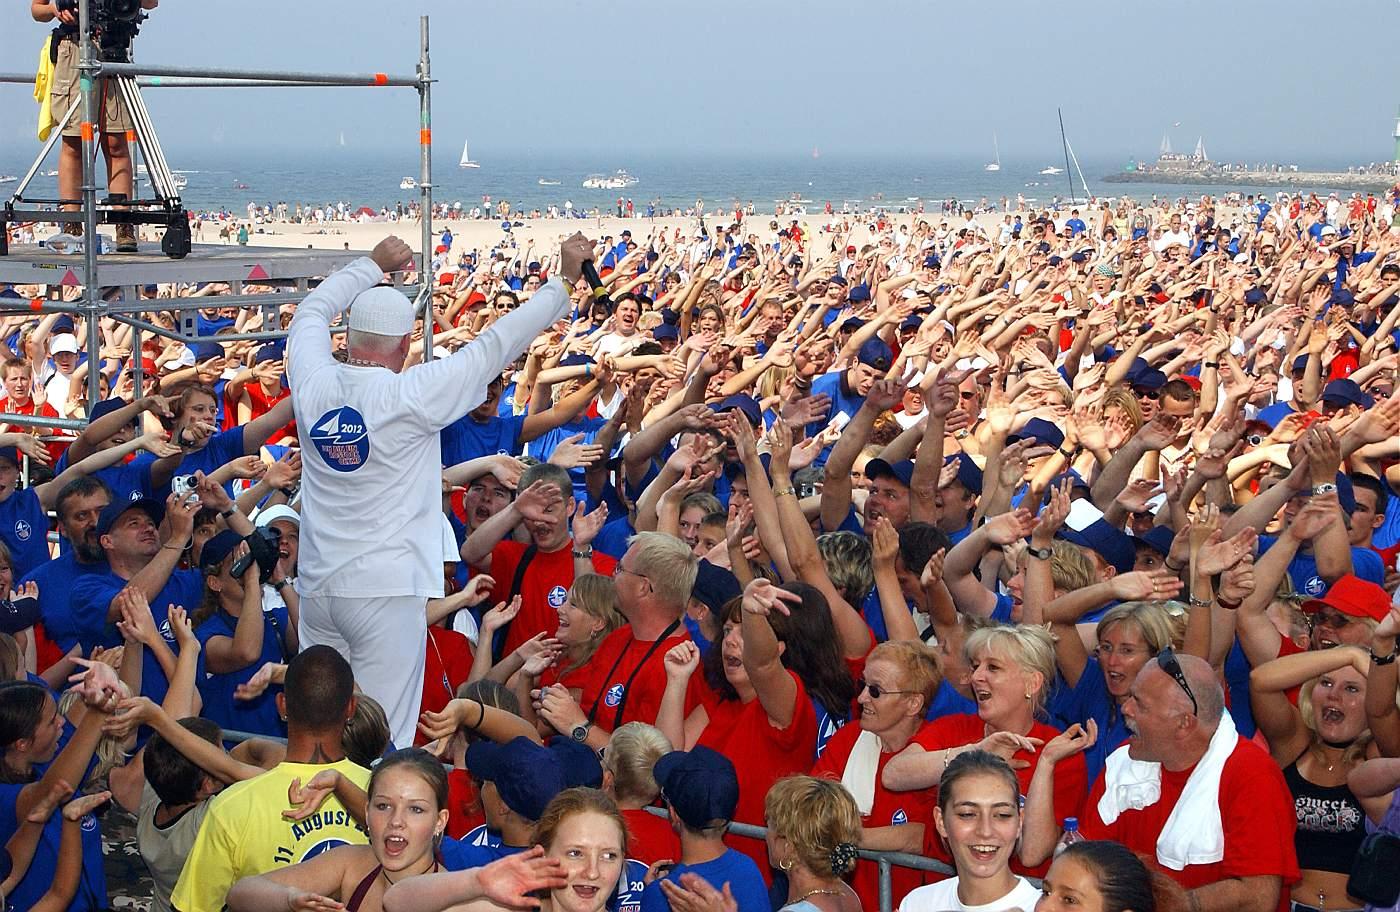 DJ Ötzi begeistert das Publikum am Strand von Warnemünde. Foto: Joachim Kloock